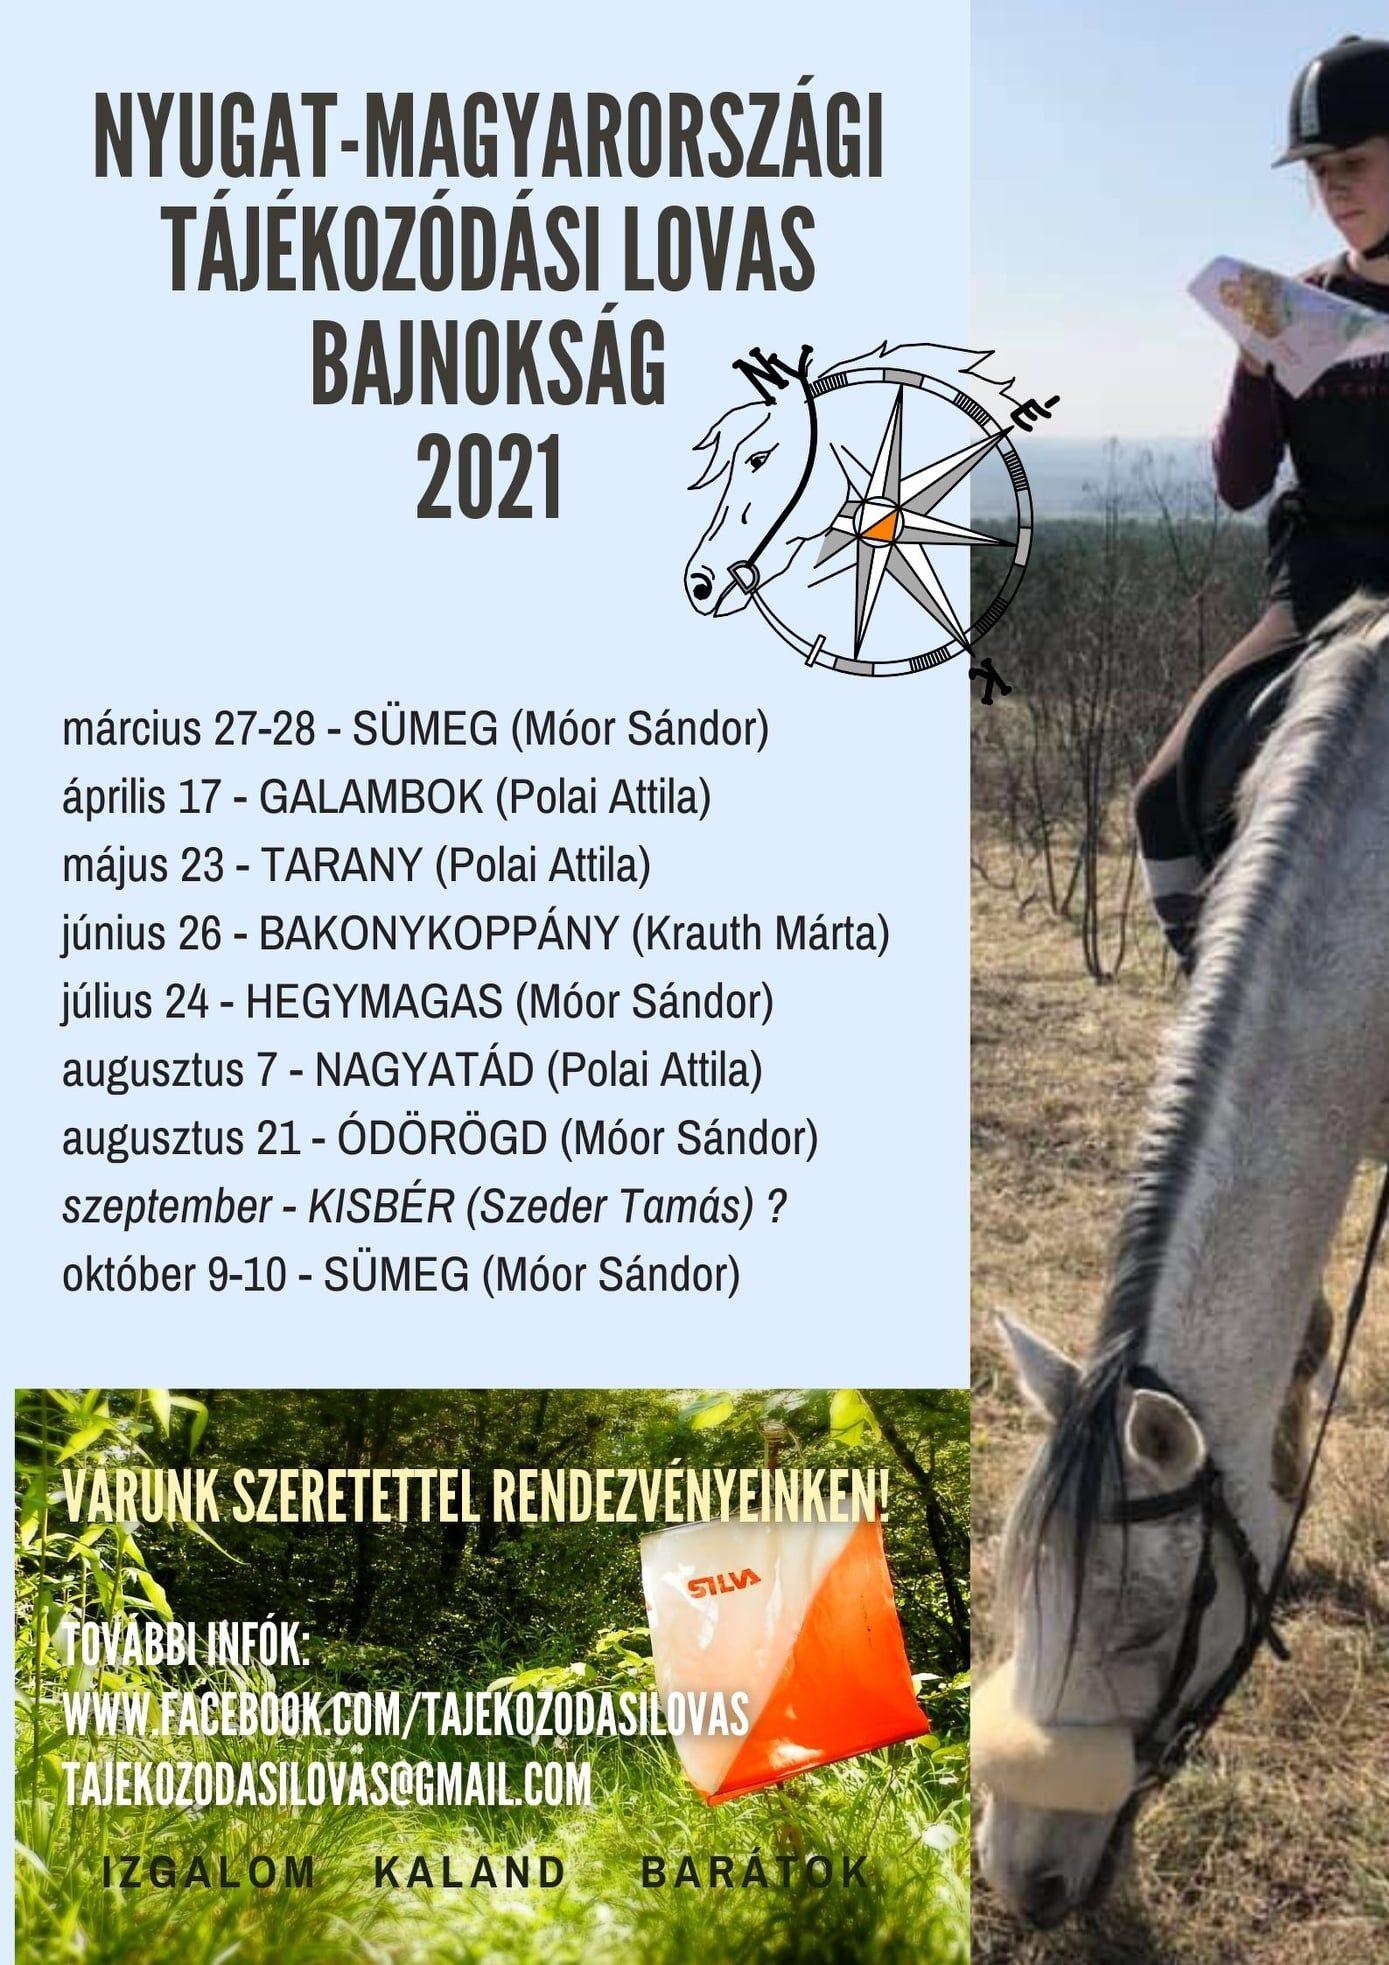 Nyugat-Magyarországi Tájékozódási lovas bajnokság 2021